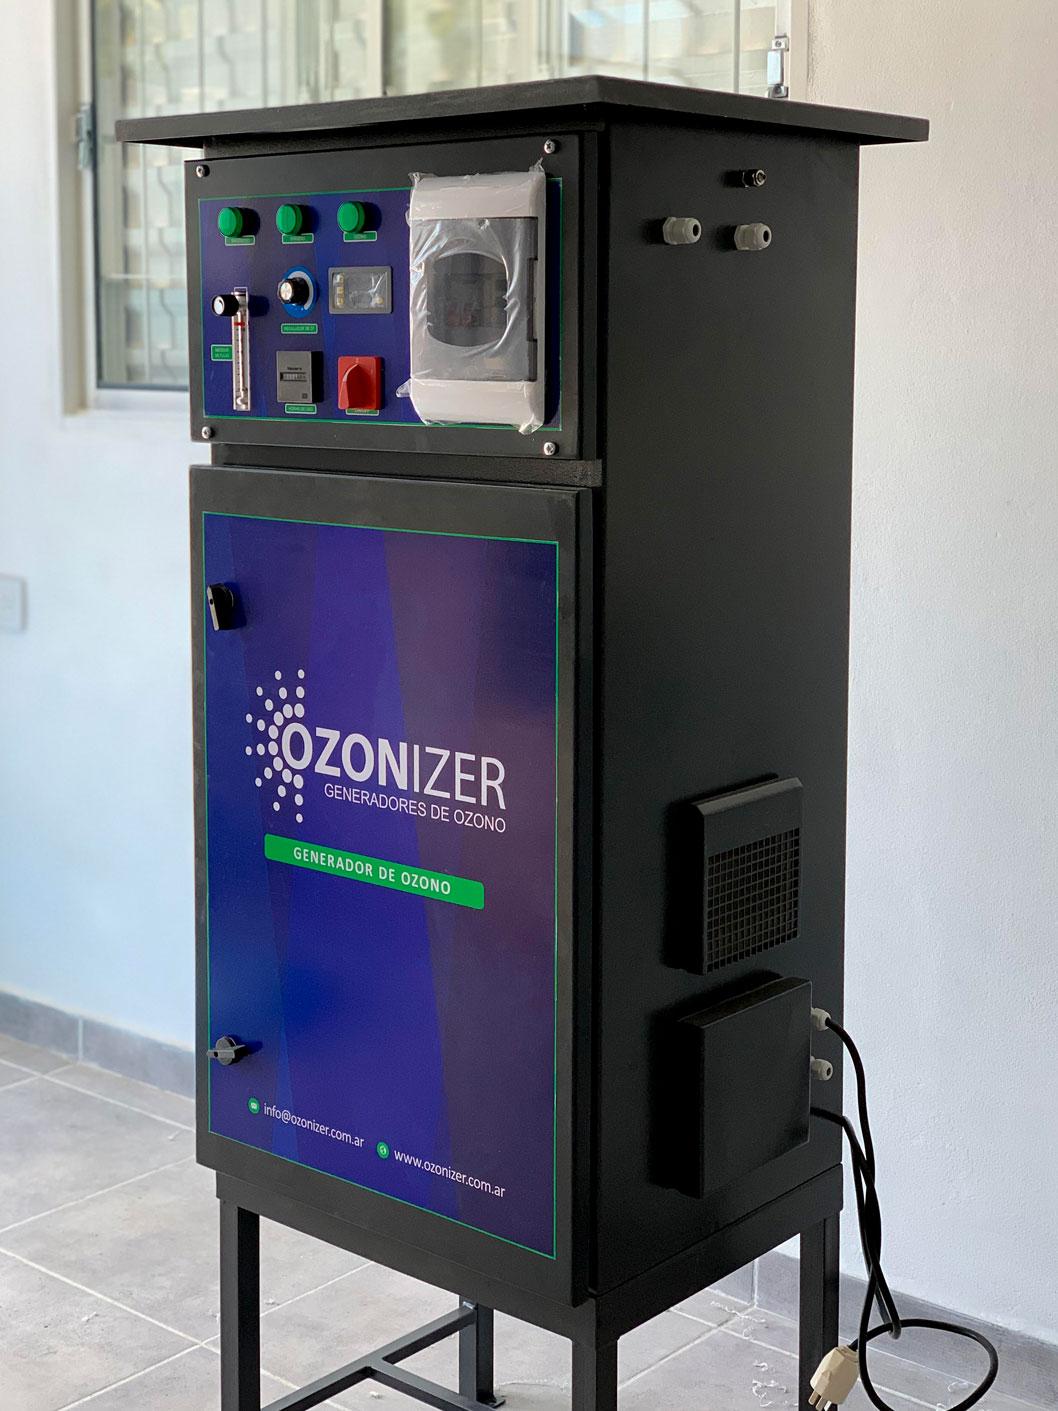 Ozonizador Ozonizer para cámara de quesos